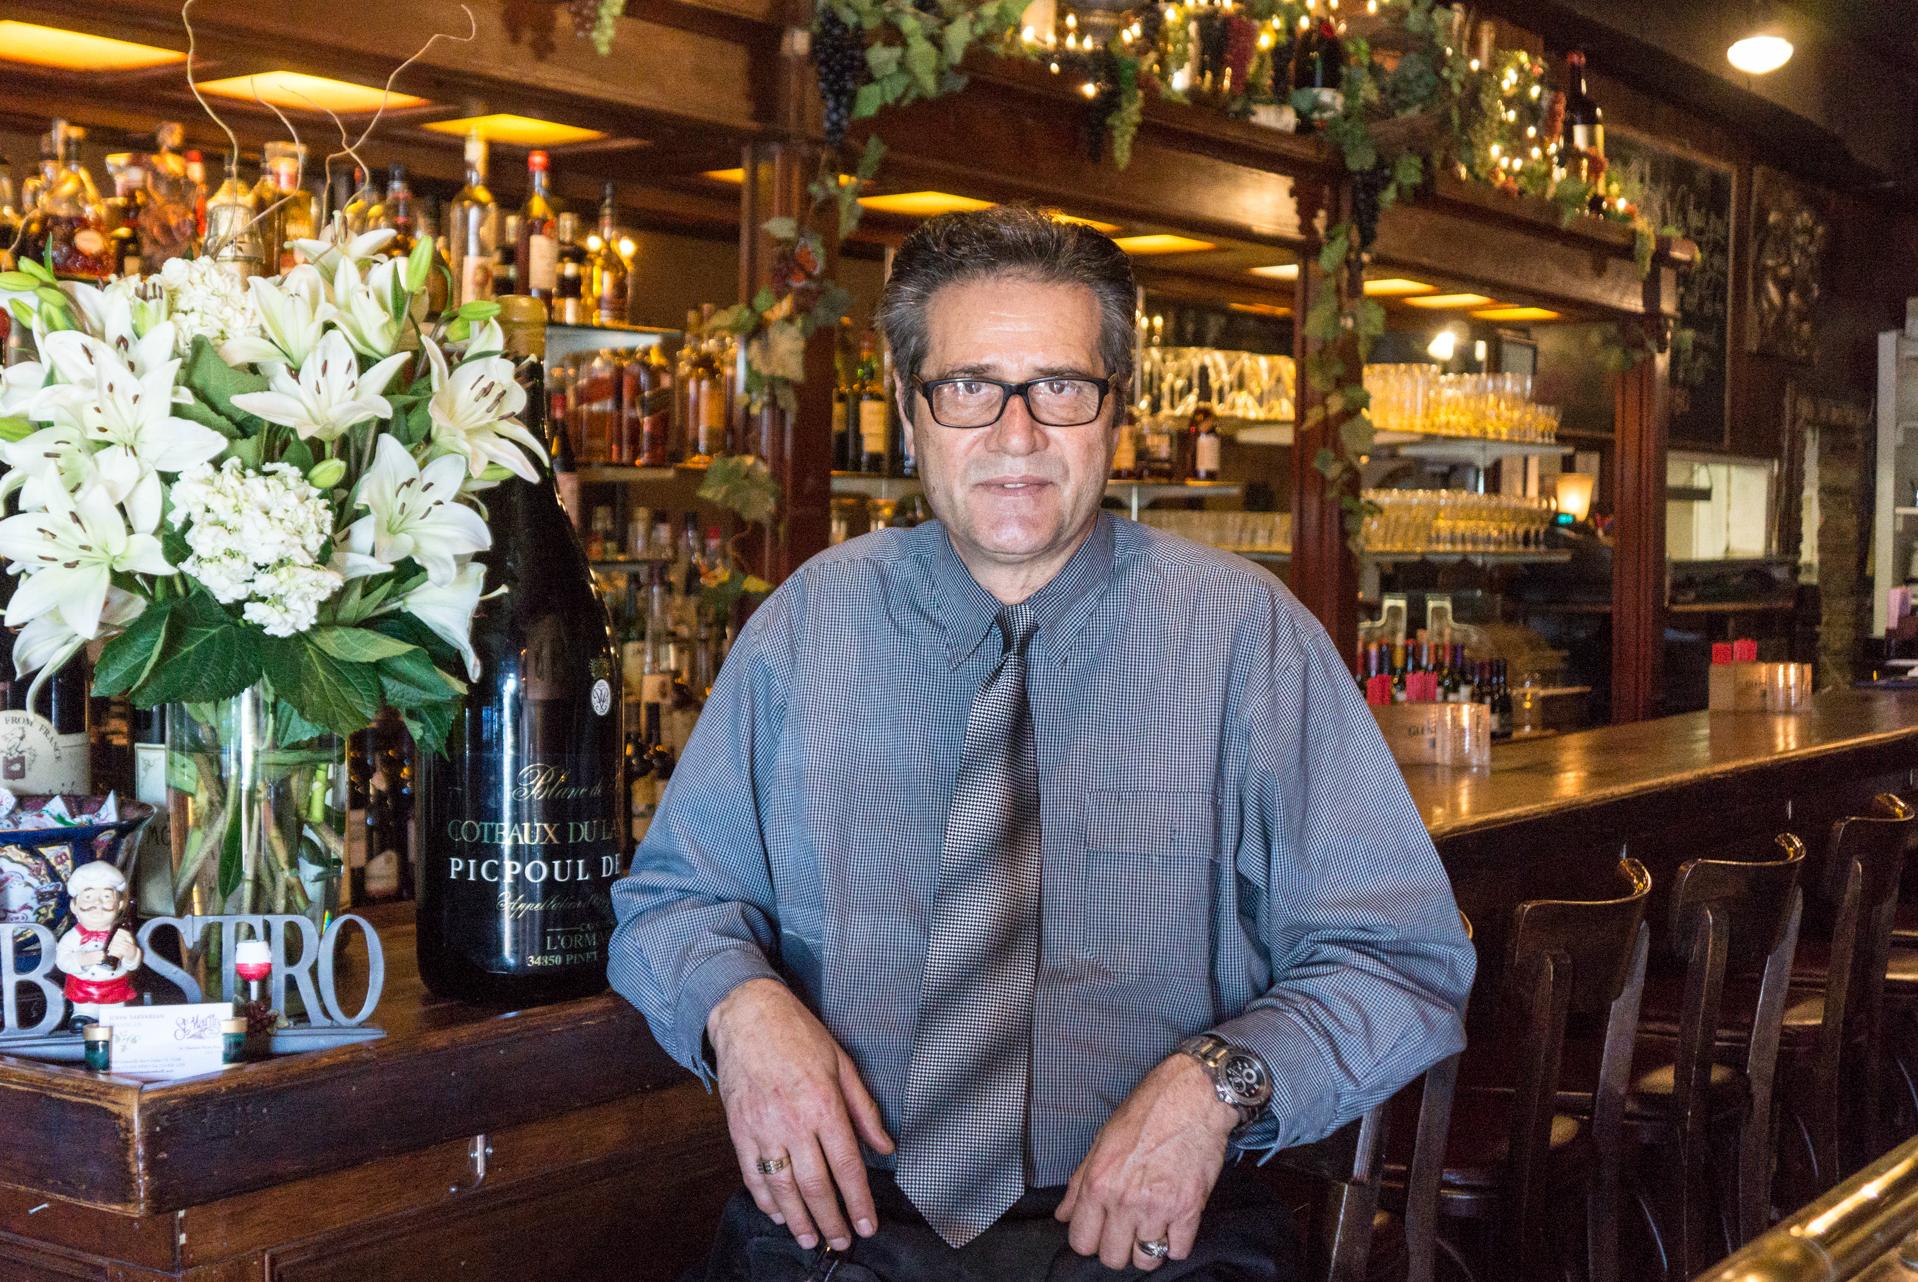 St. Martin's general manager John Sarkarian at the bar.